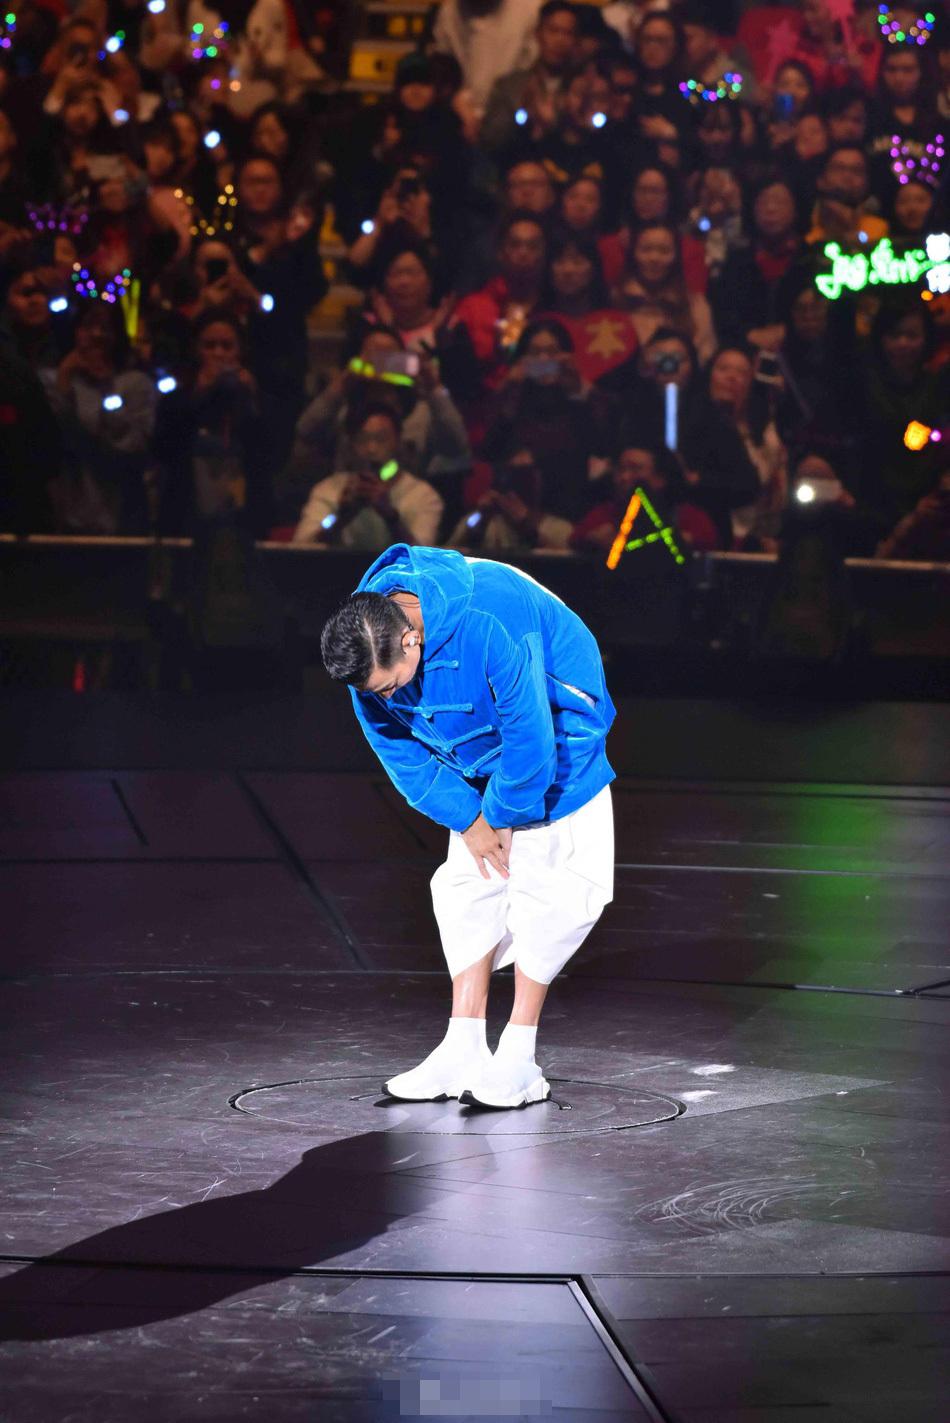 躹�k_刘德华演唱会中途取消失声落泪 双手合十鞠躬道歉